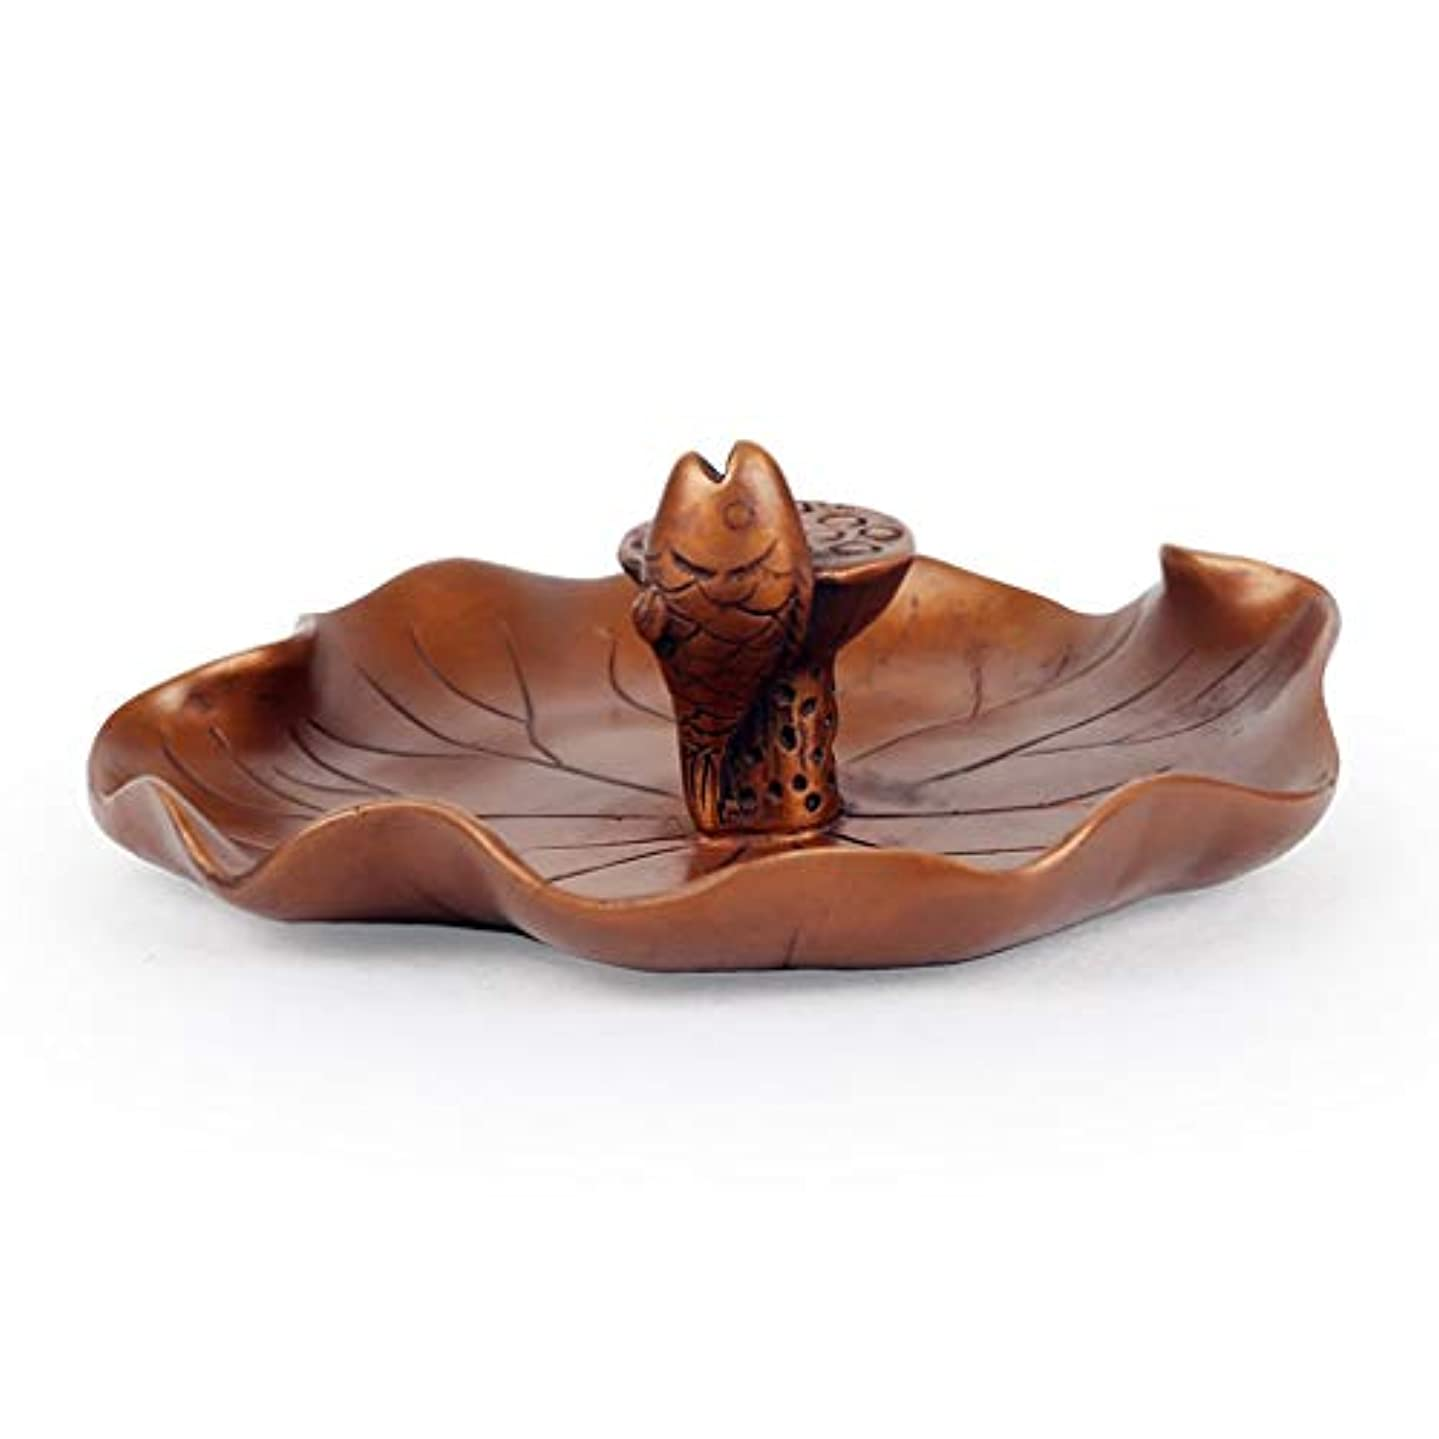 砂場所対抗ホームアロマバーナー 還流香炉ホーム香りの良い禅禅ラッキー鑑賞新しいクリエイティブアガーウッド香バーナー装飾 アロマバーナー (Color : Brass)